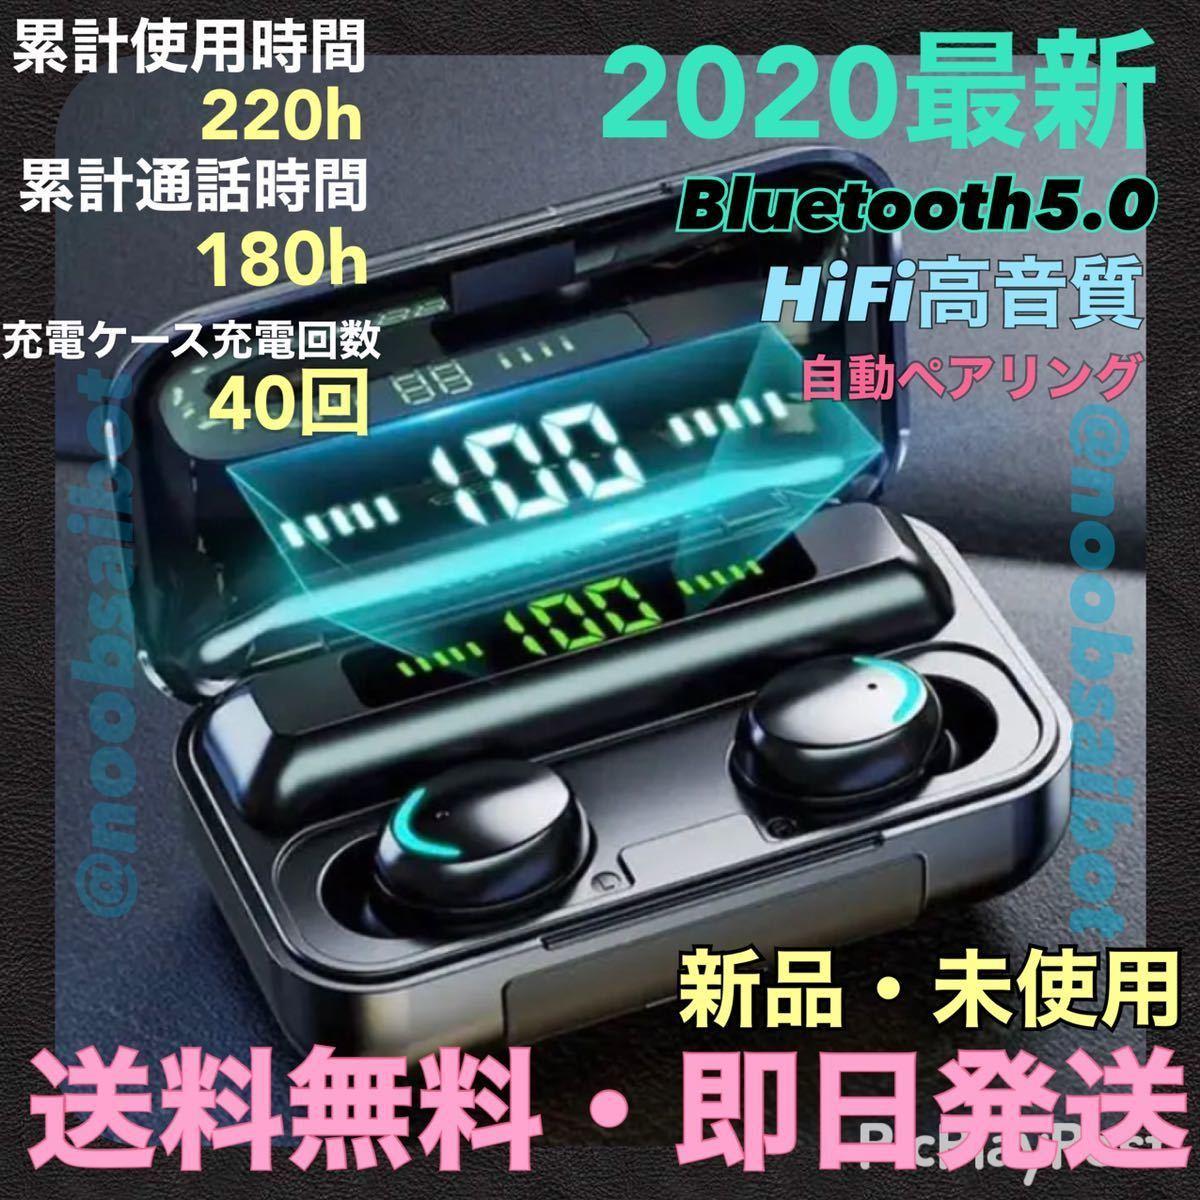 即日発送 2020最新版 ワイヤレスイヤホン イヤフォン Bluetooth 5.0 Hi-Fi 高音質 IPX5防水 モバイルバッテリーiPhone 12 Android_画像1